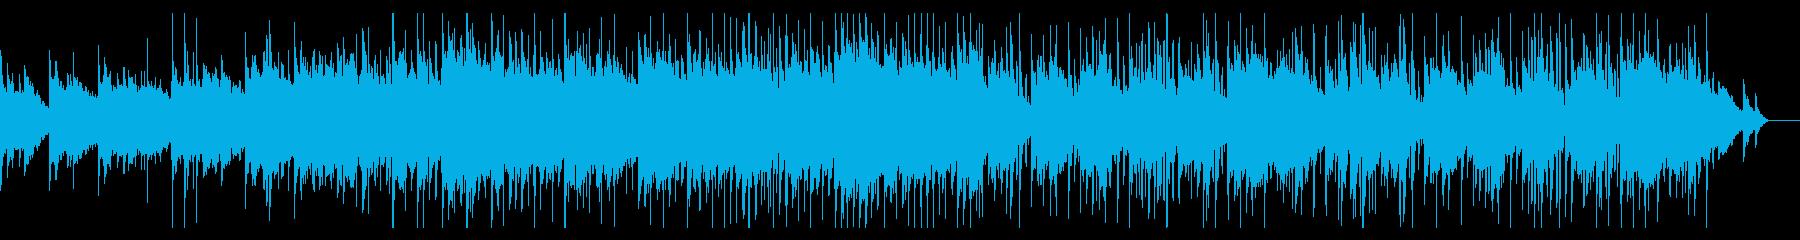 陰鬱なギターアンビエントの再生済みの波形